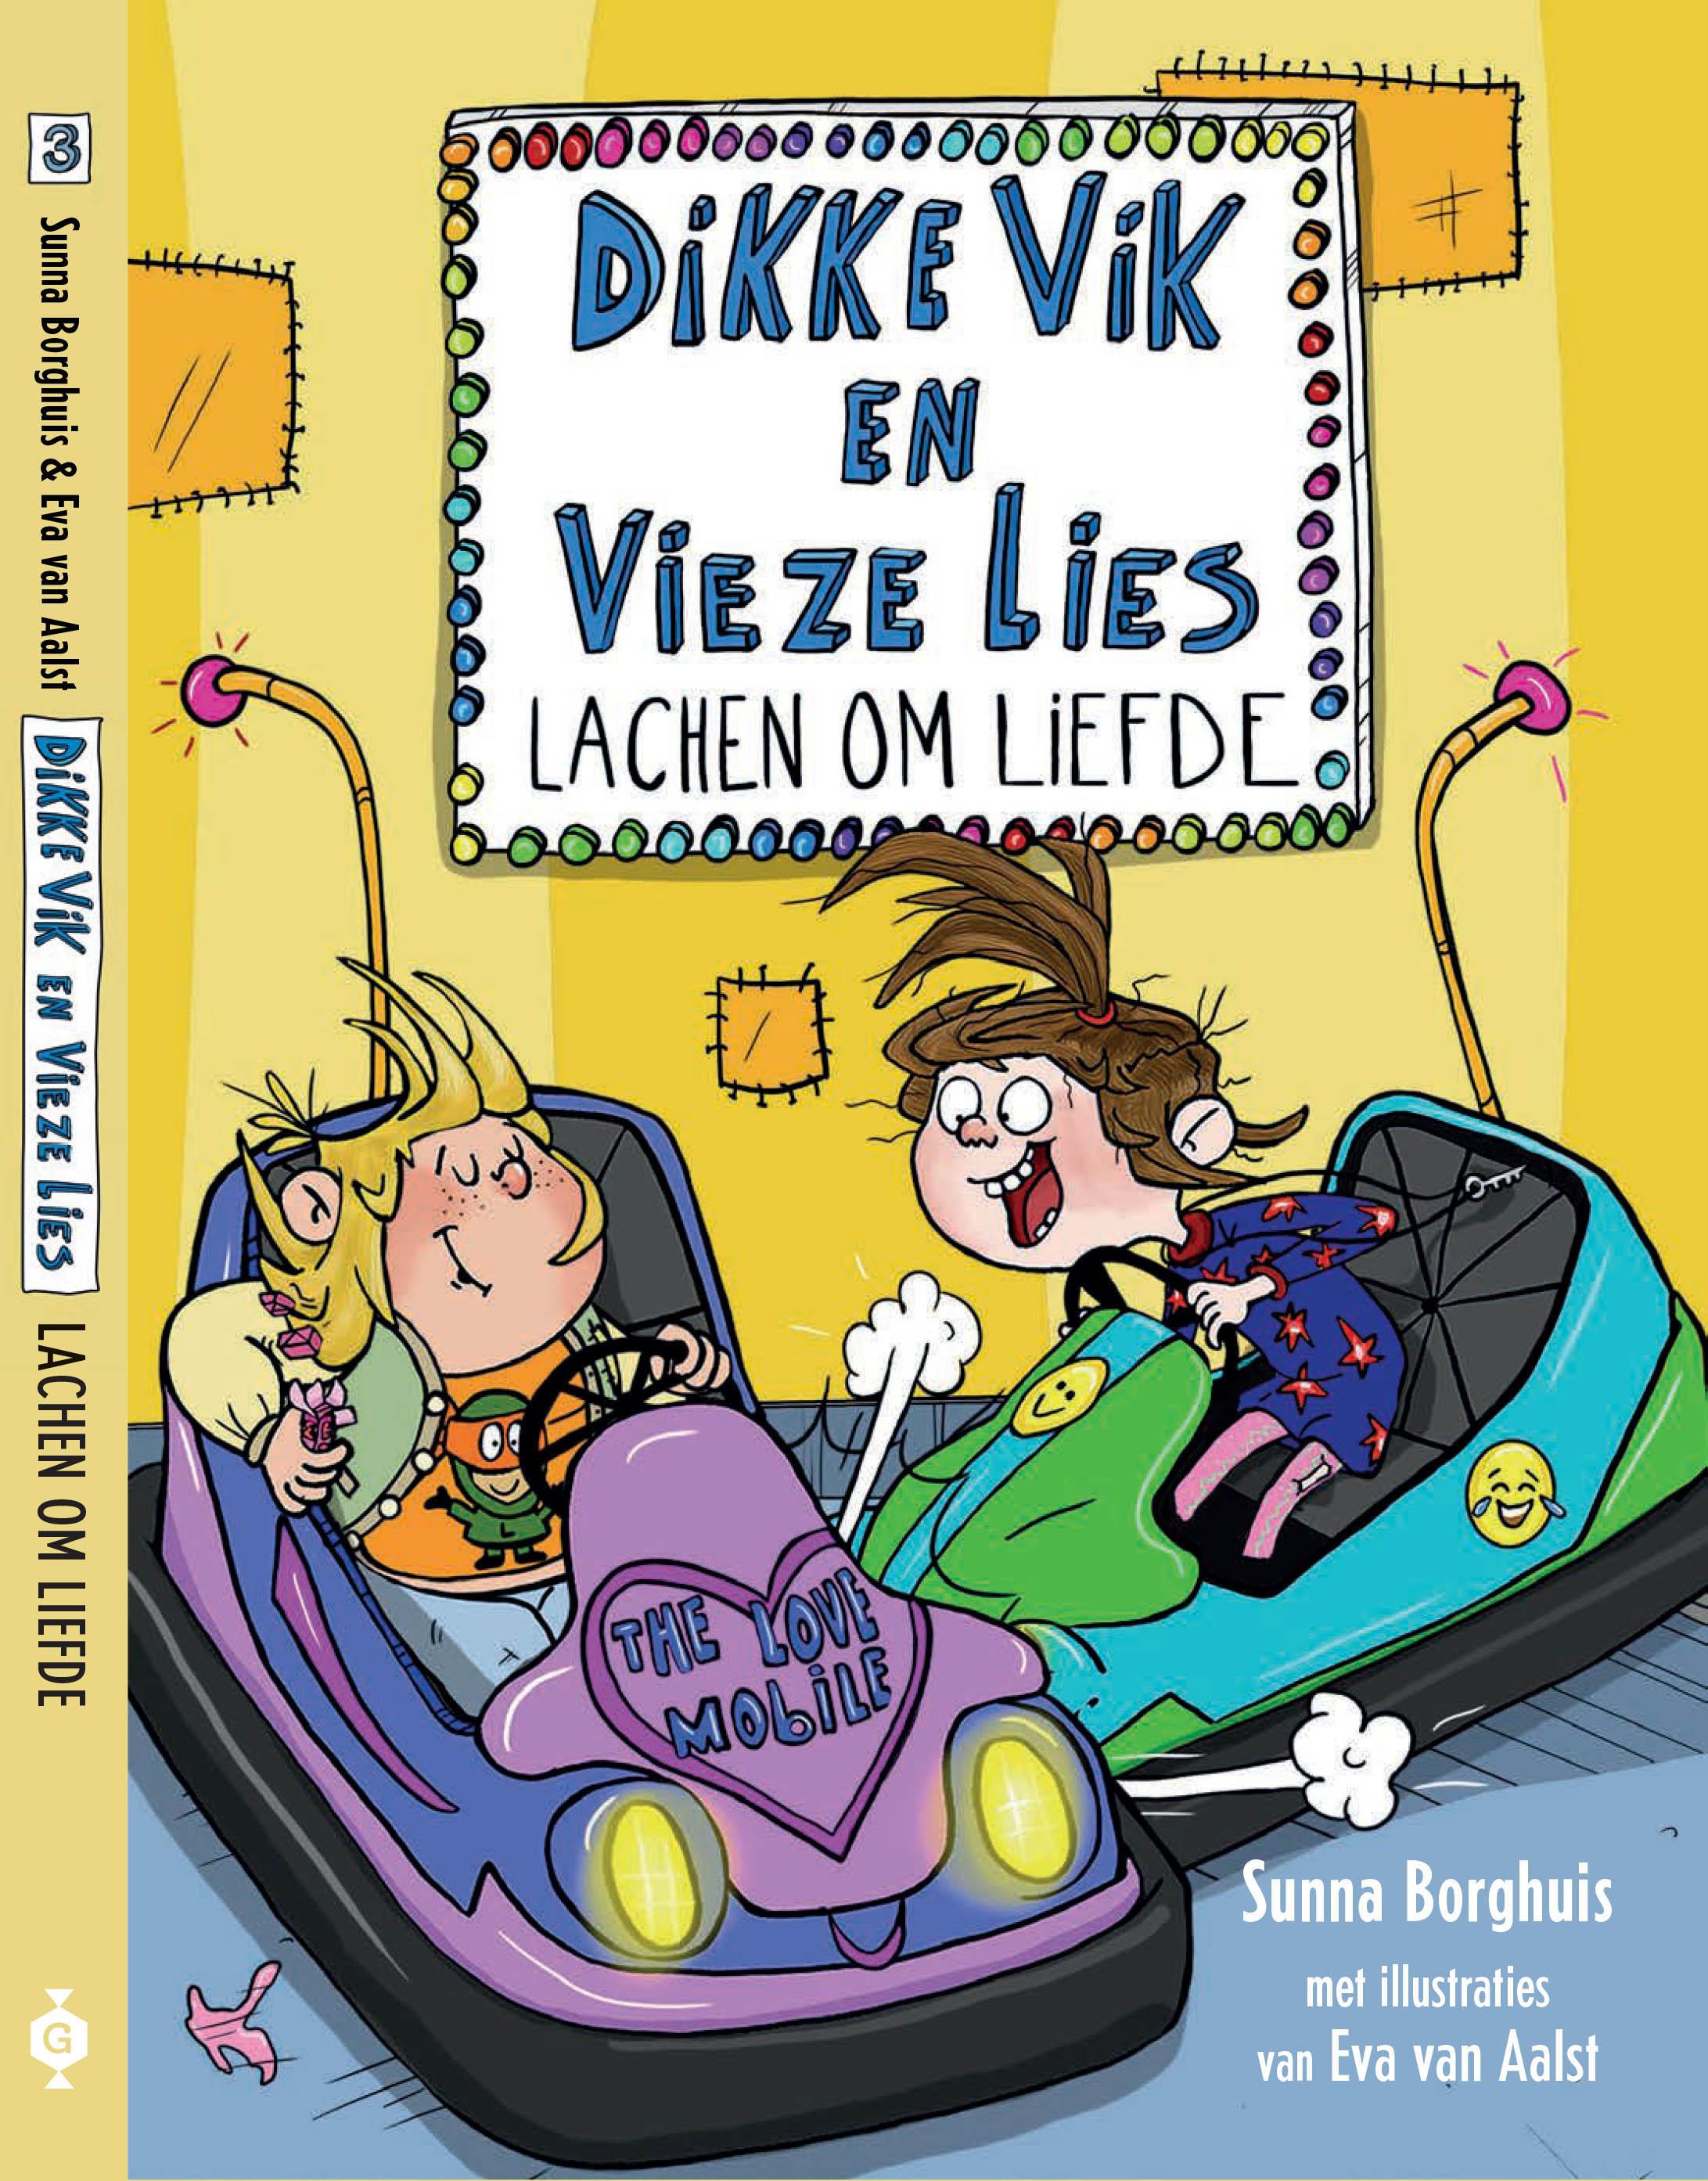 Dikke Vik en Vieze Lies 3 CV 1.jpg